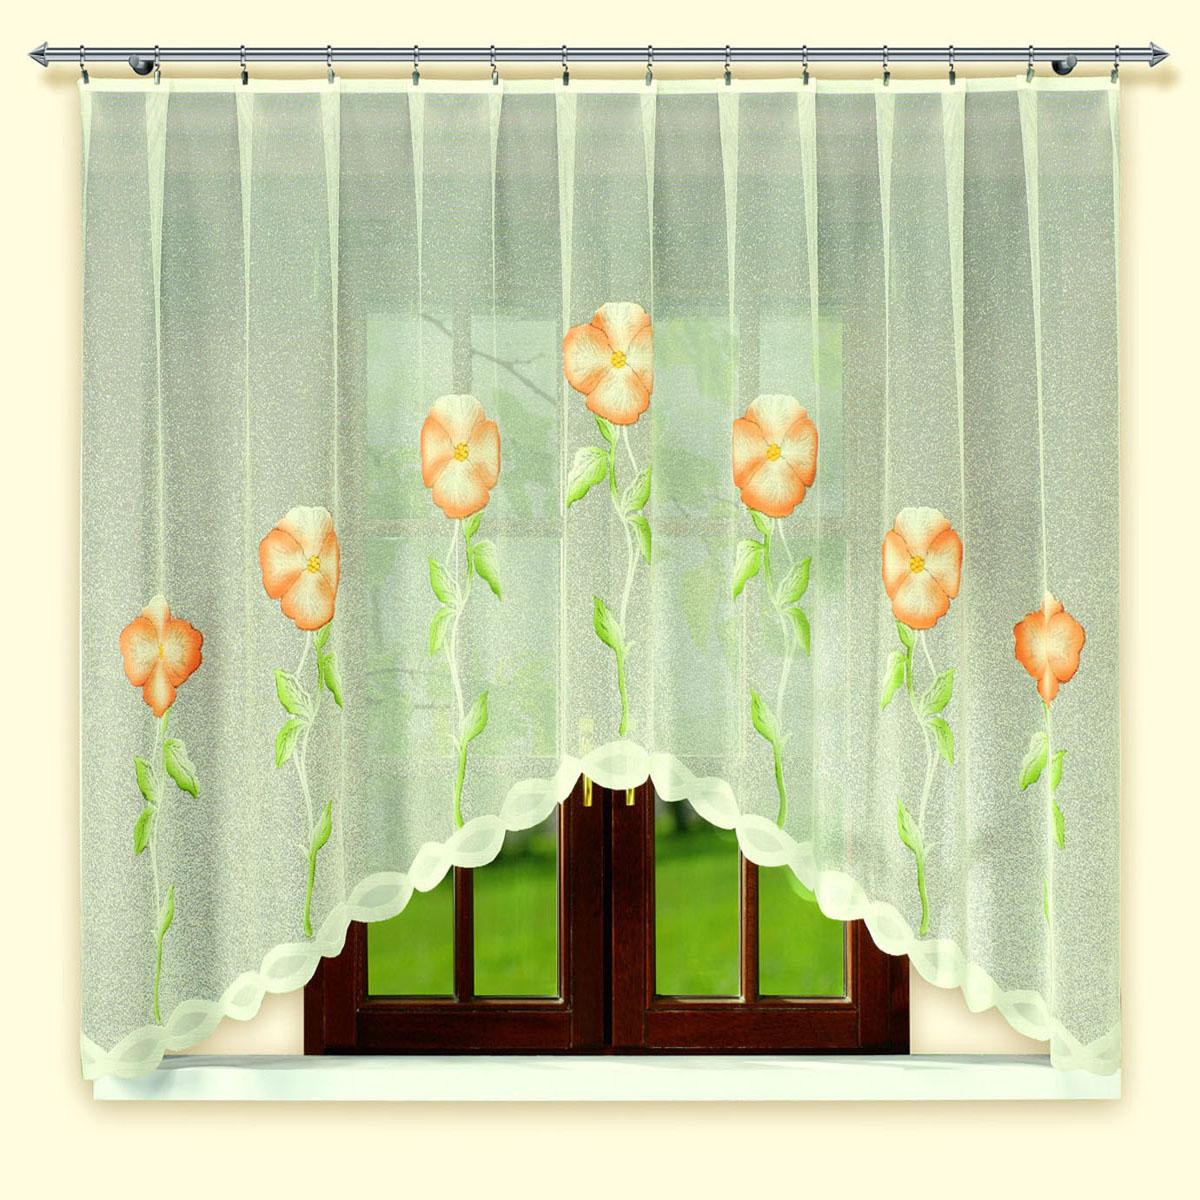 Гардина Haft, цвет: белый, ширина 300 см, высота 160 см. 46010/160202690/160Жаккардовая гардина-арка кремового цвета с цветным рисунком. Высота 160 смРазмеры: высота 160см*ширина 300см